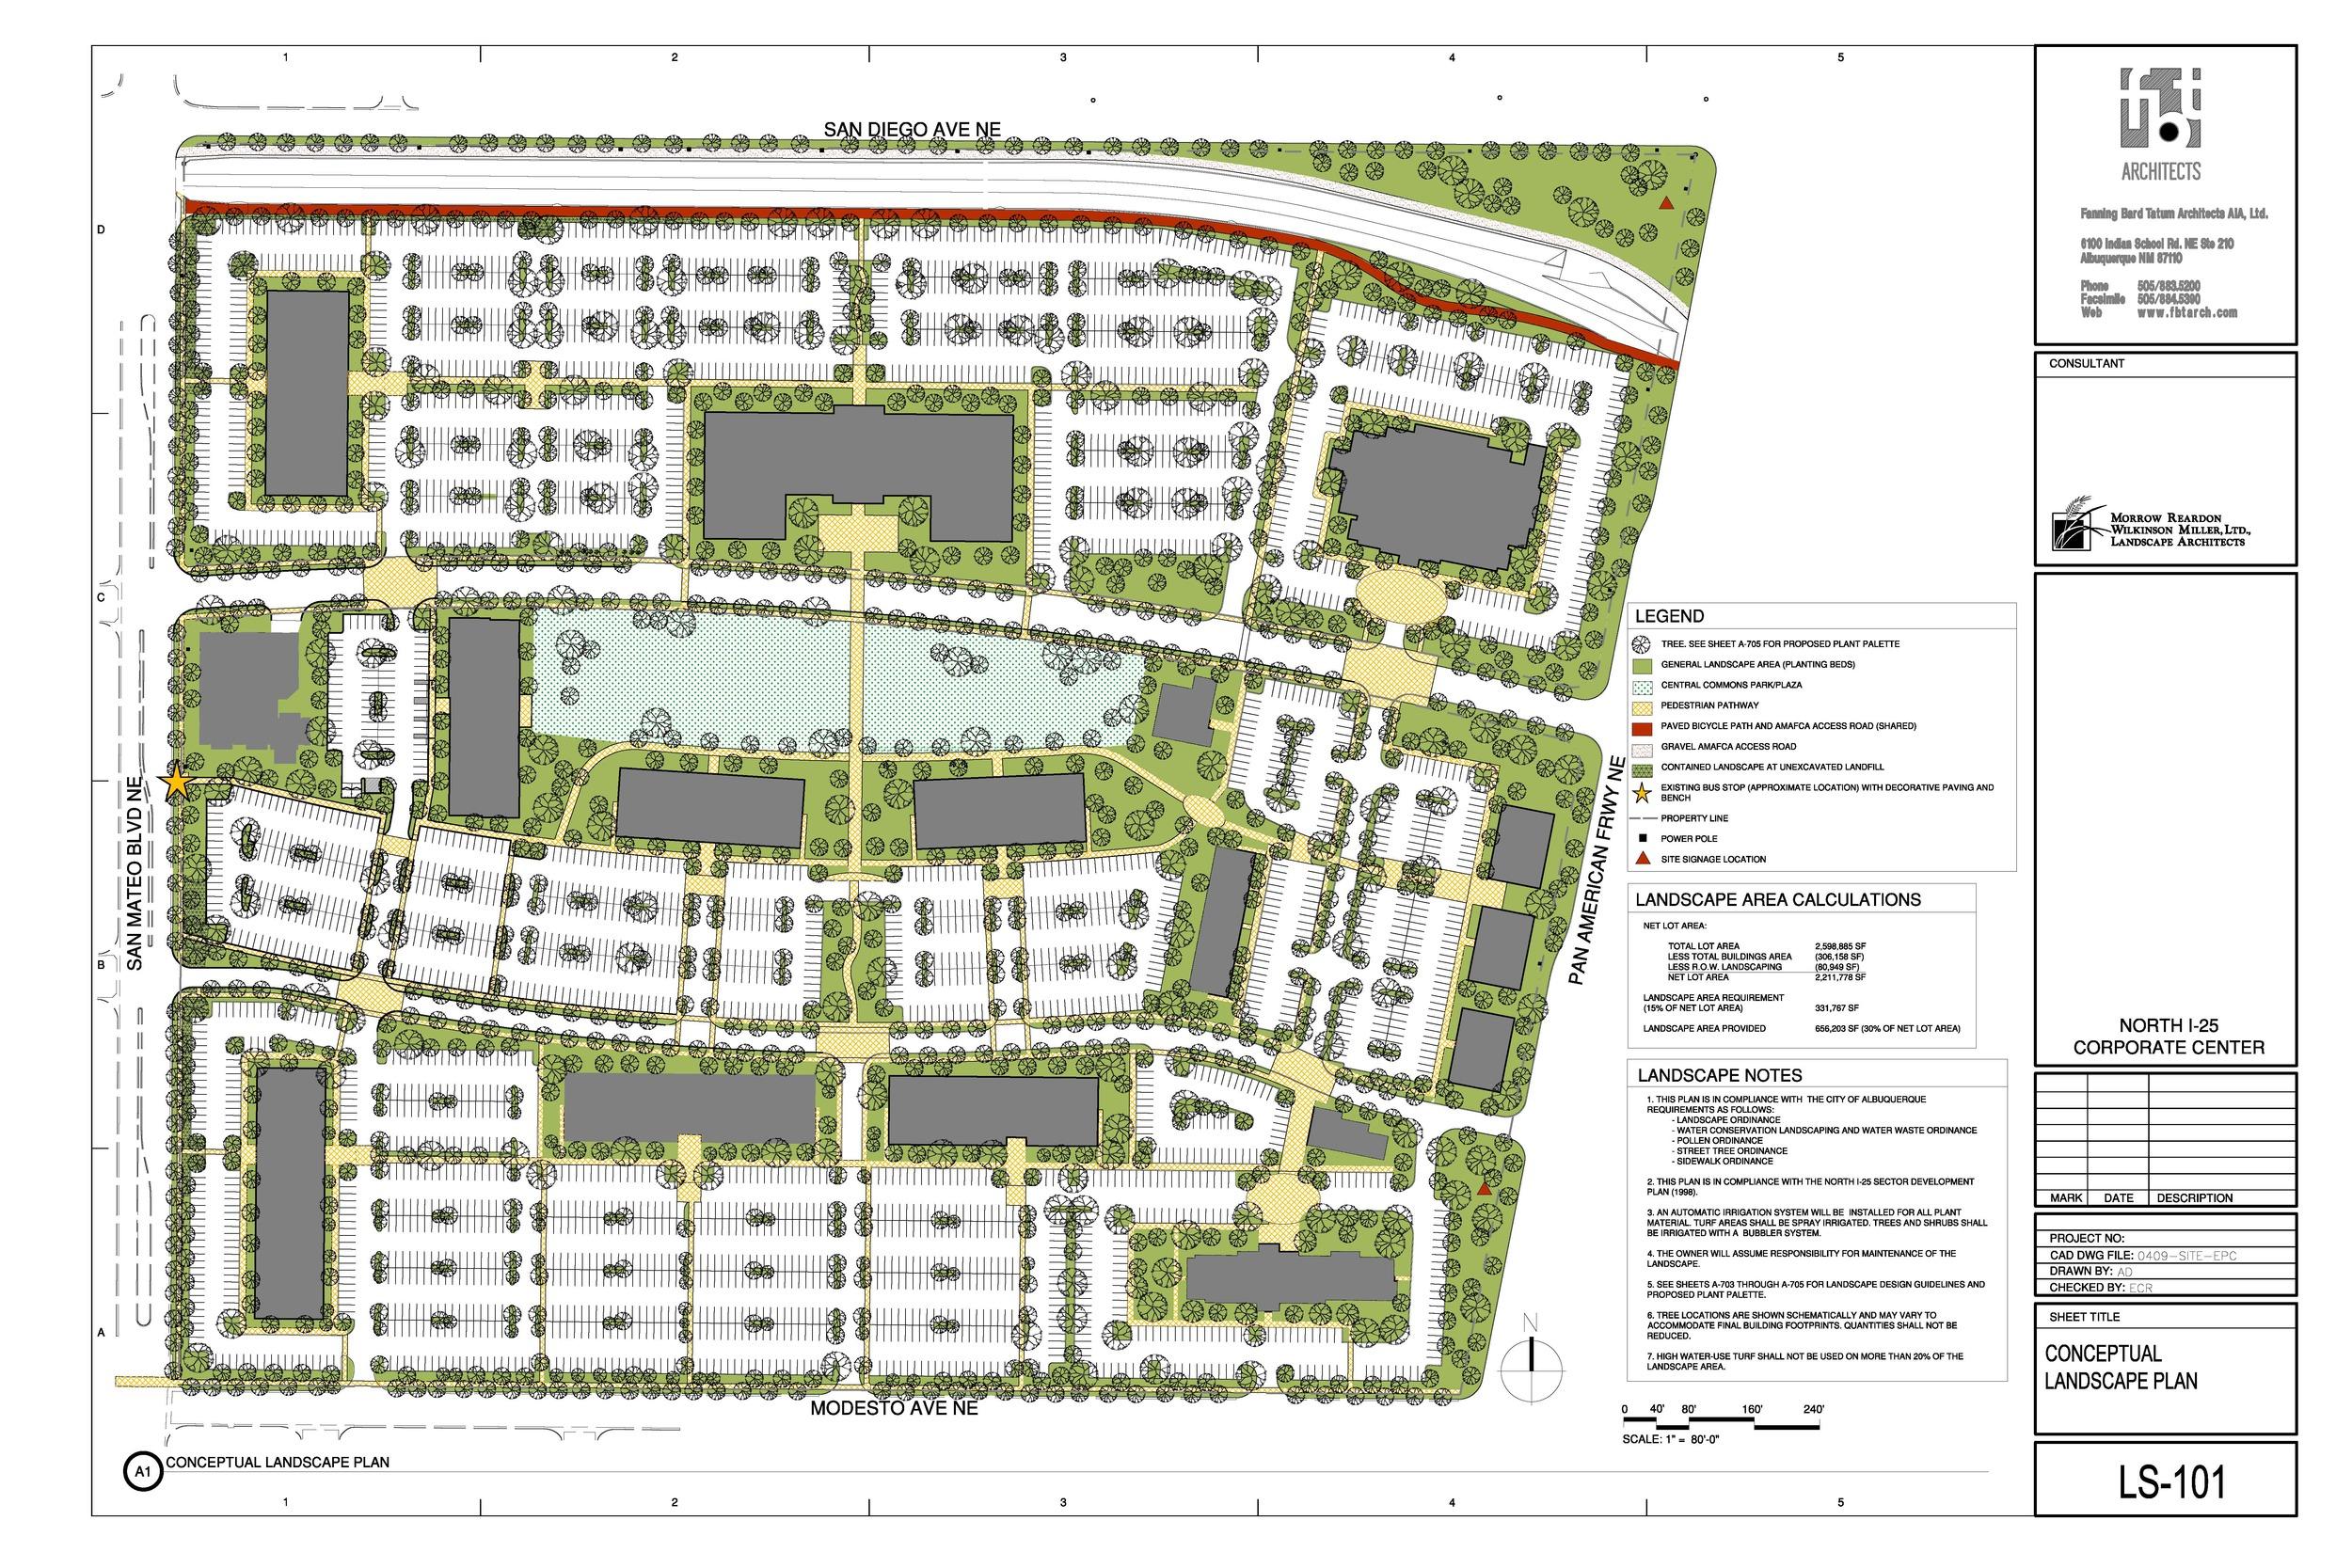 Conceptual landscape plan